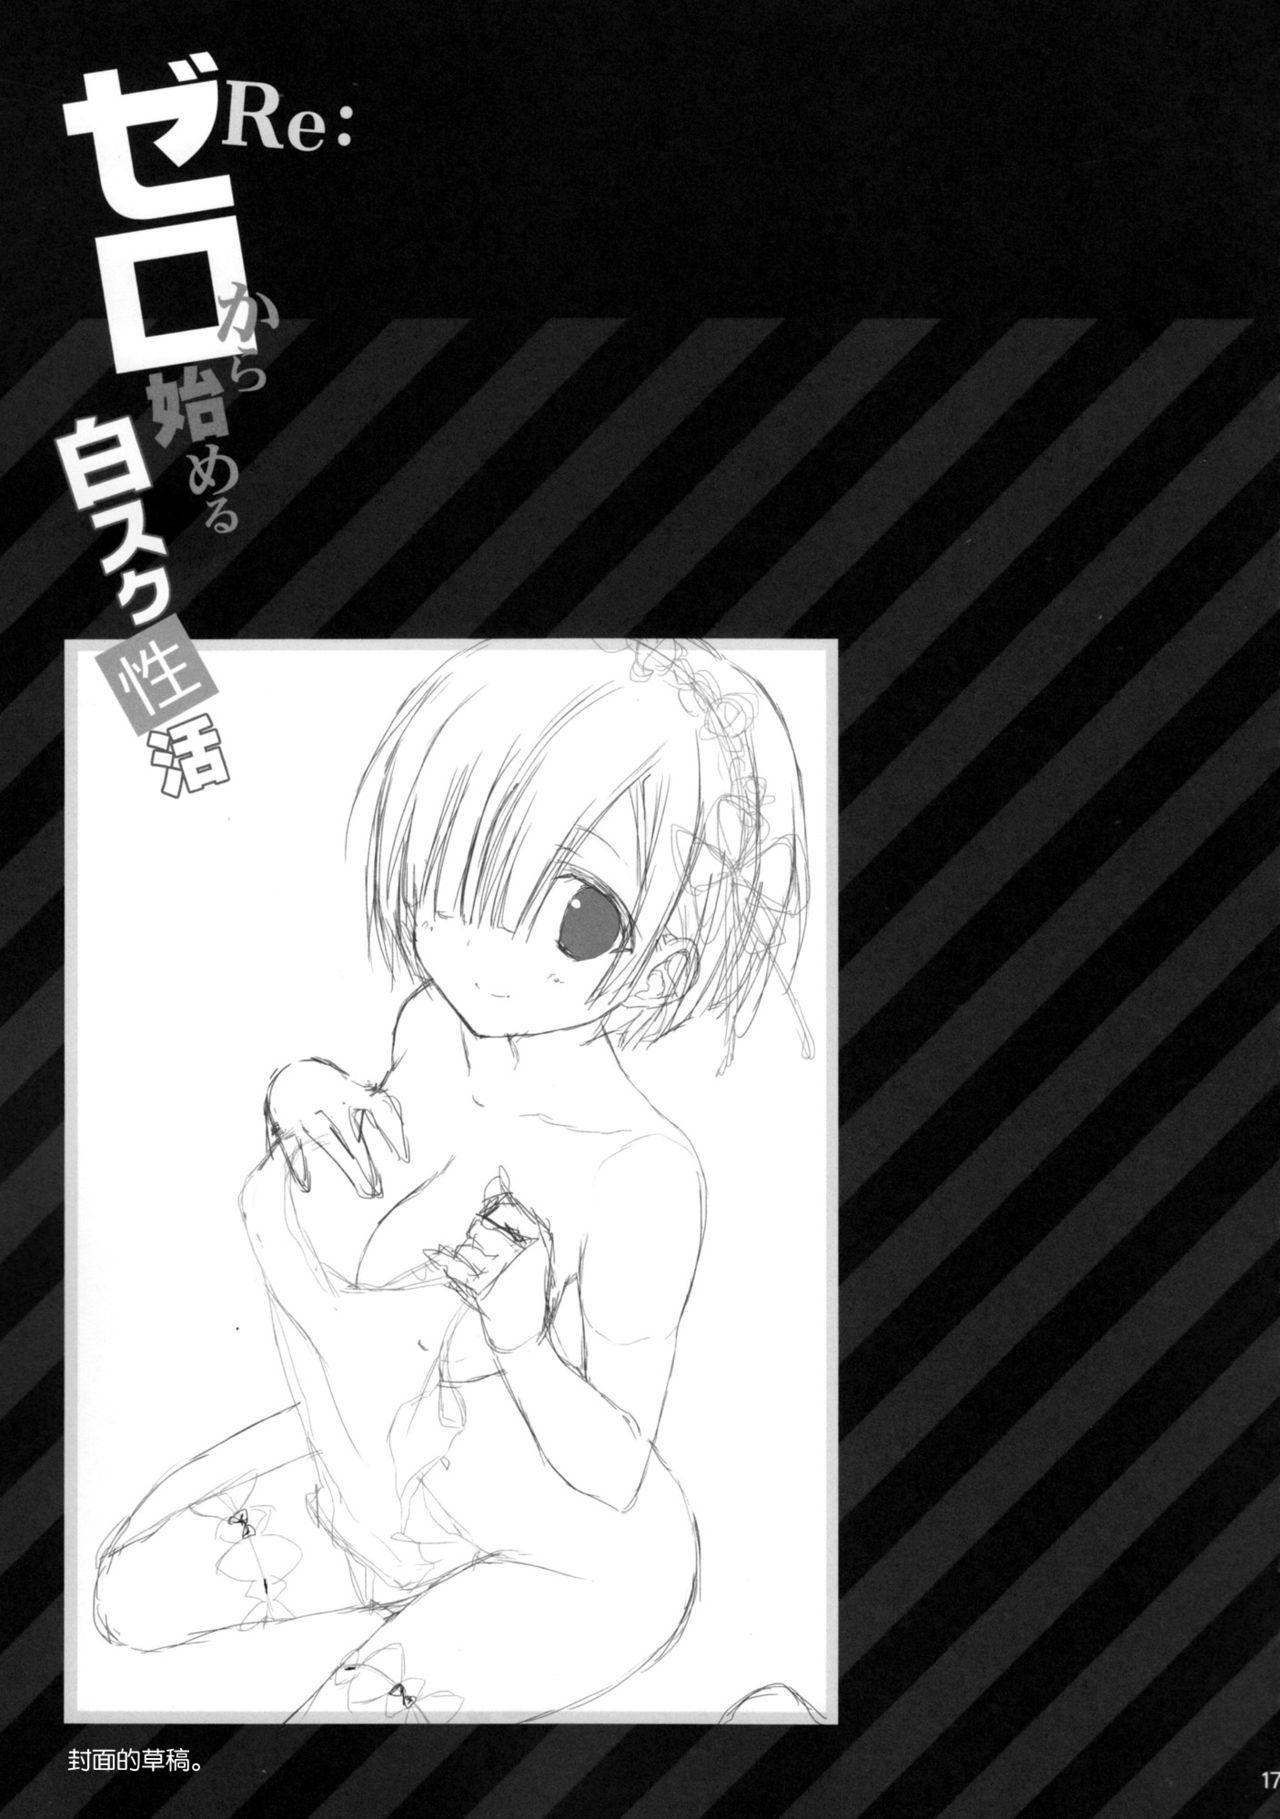 Re:Zero kara Hajimeru Shiro Suku Seikatsu 16